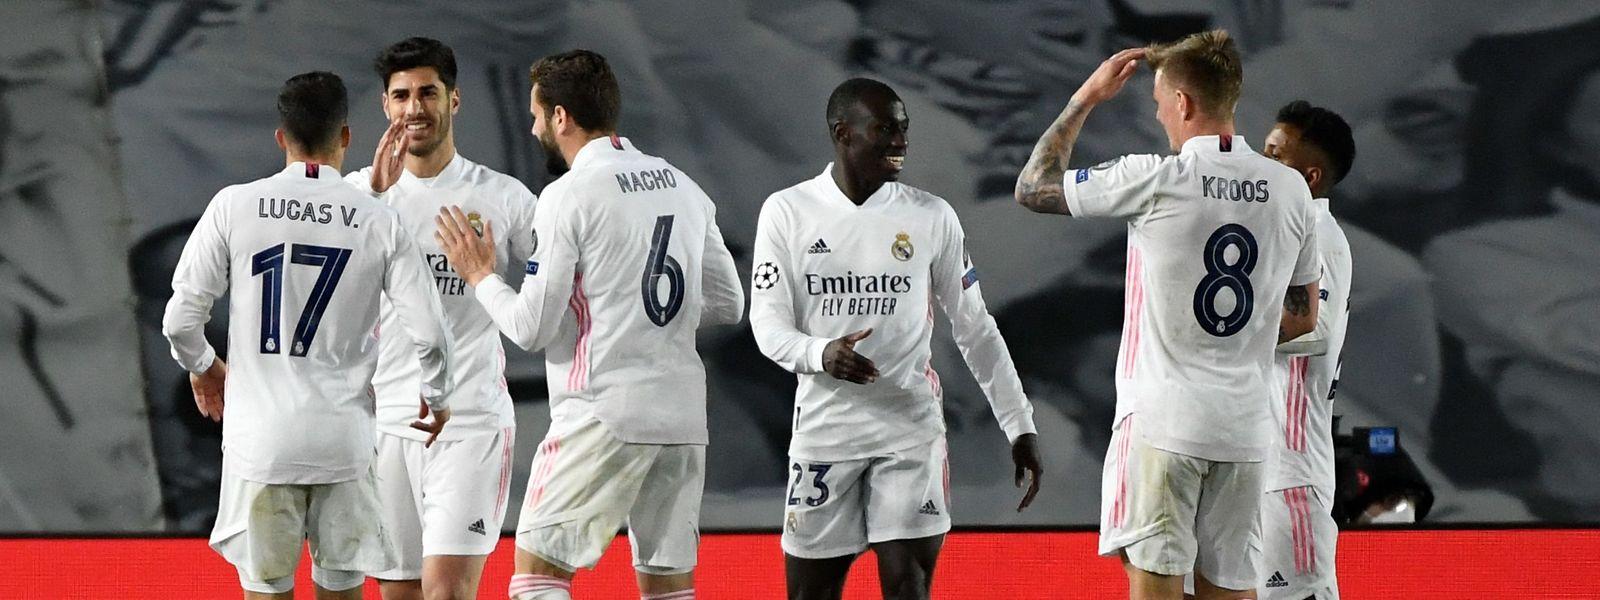 Erleichterung: Real Madrid steht als bislang einziger spanischer Club im Viertelfinale.